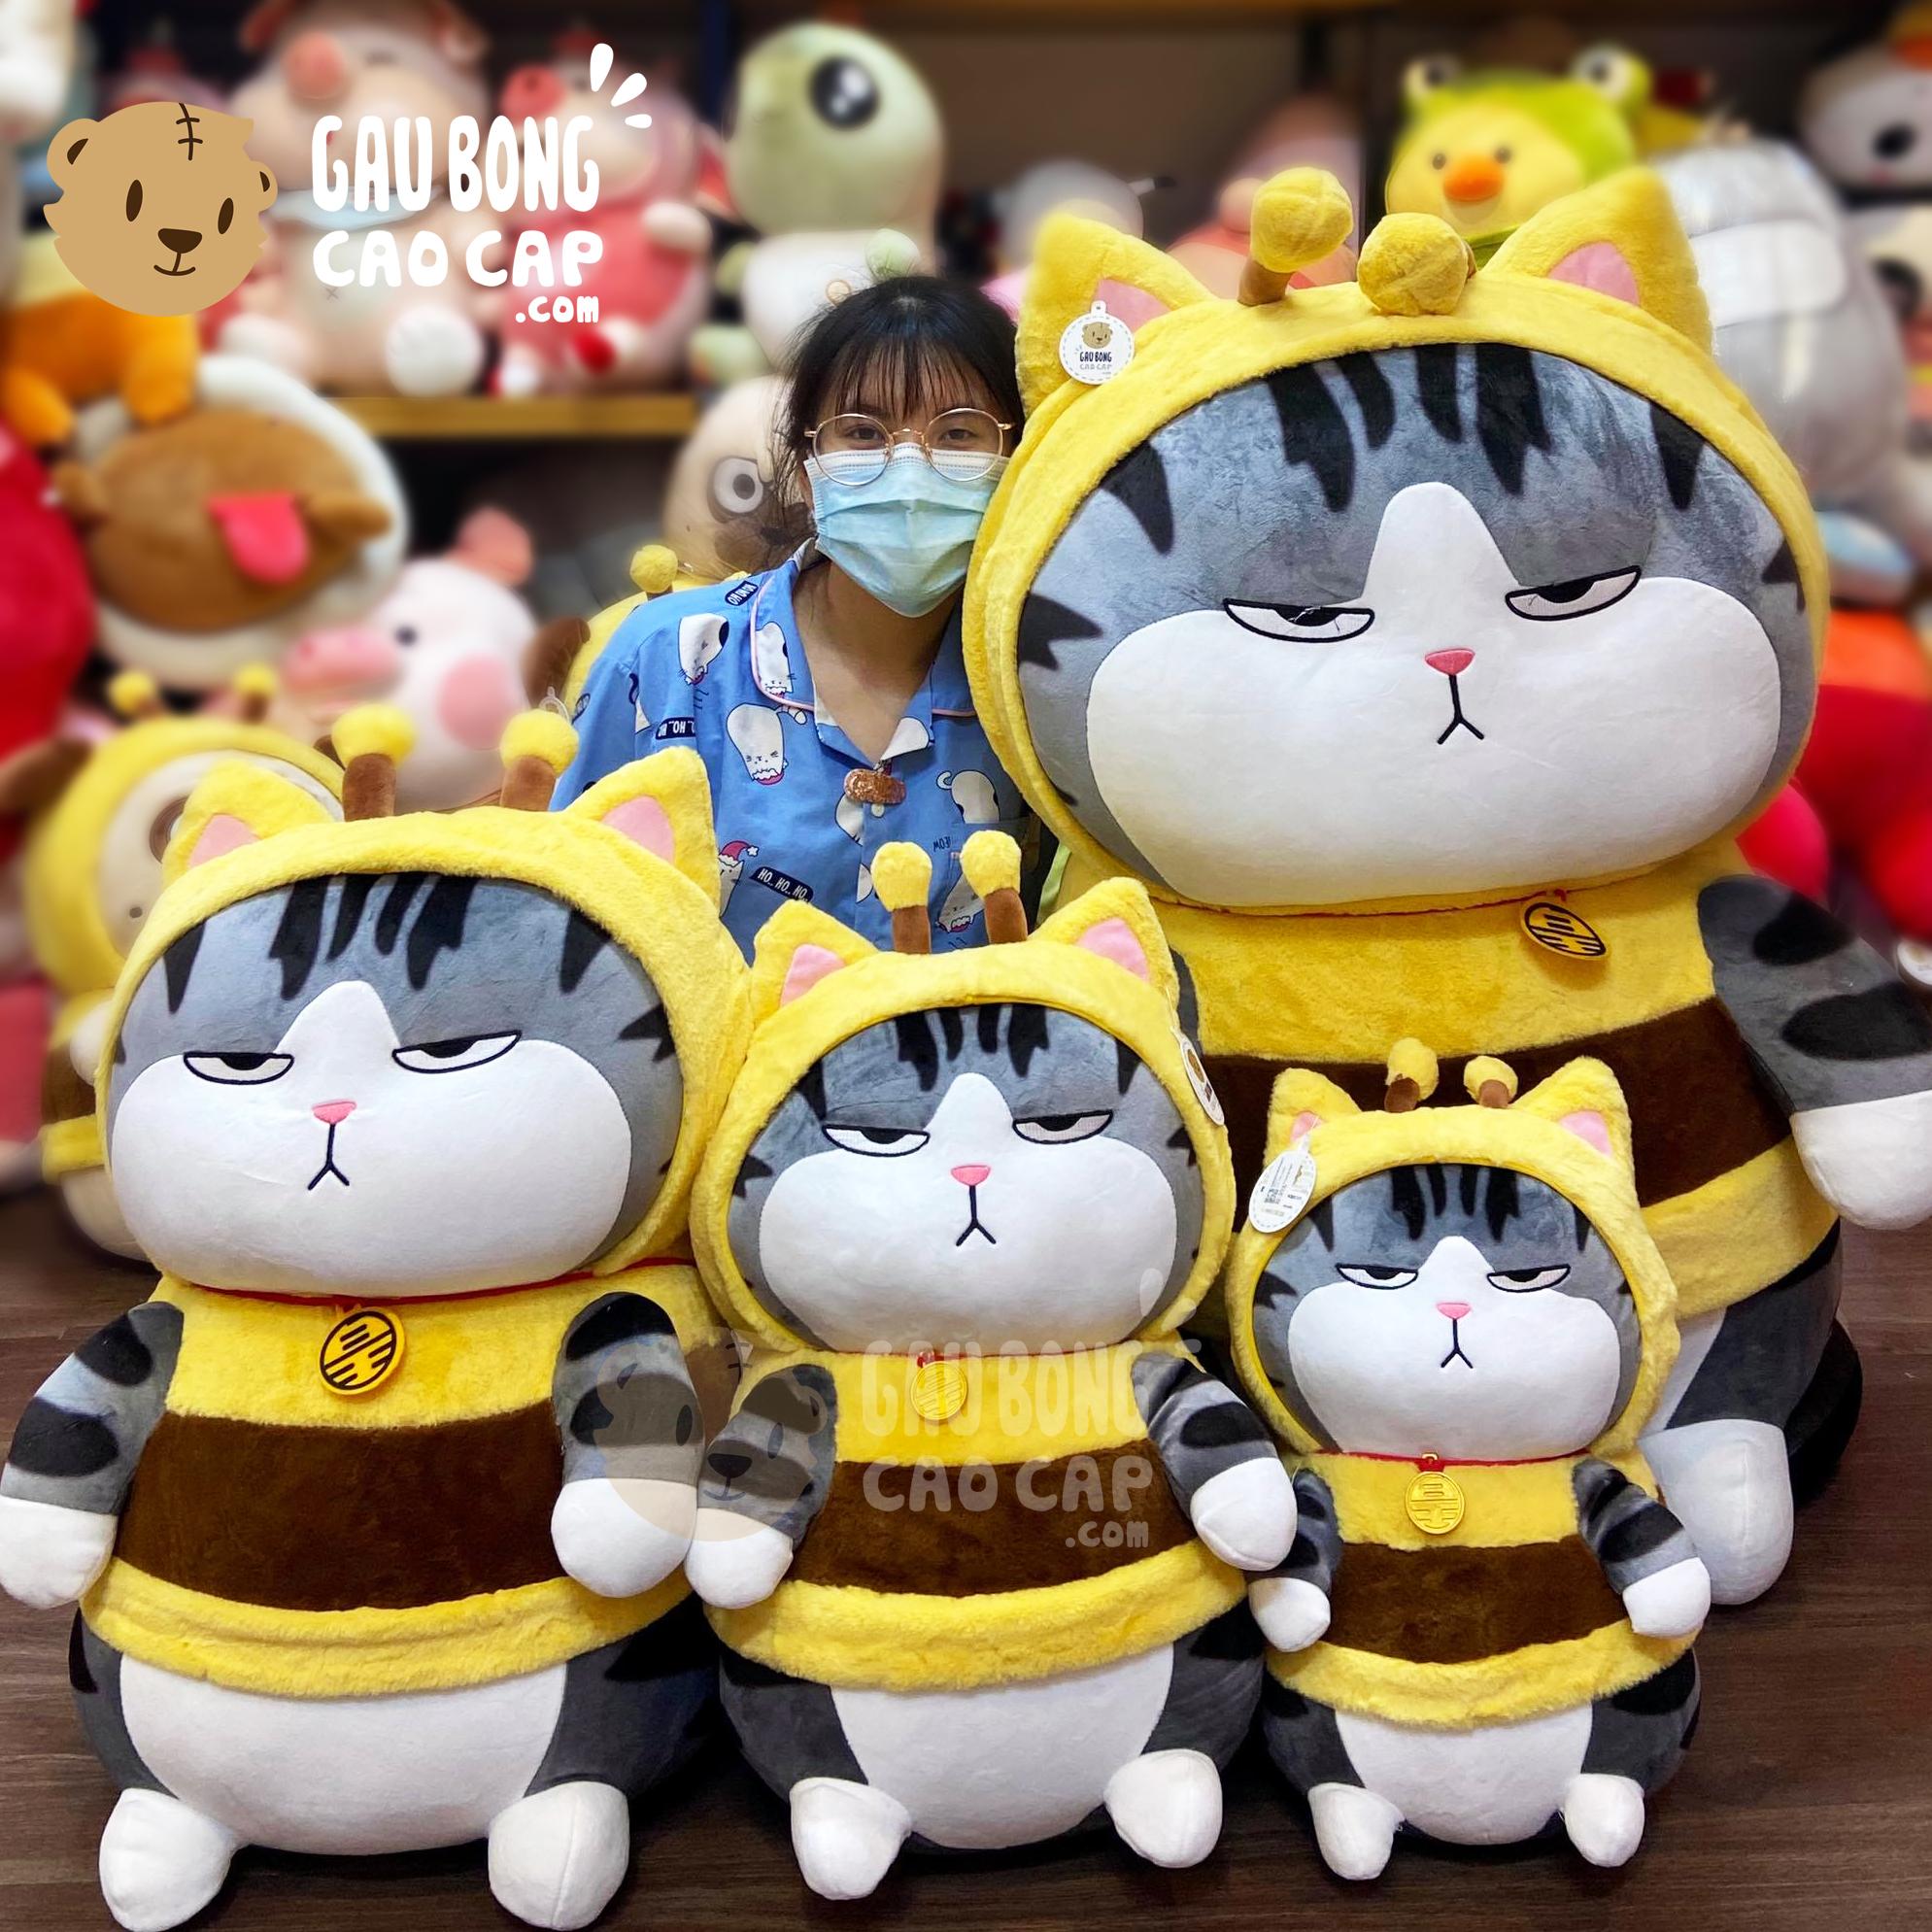 Mèo Bông Hoàng Thượng cosplay Ong Vàng